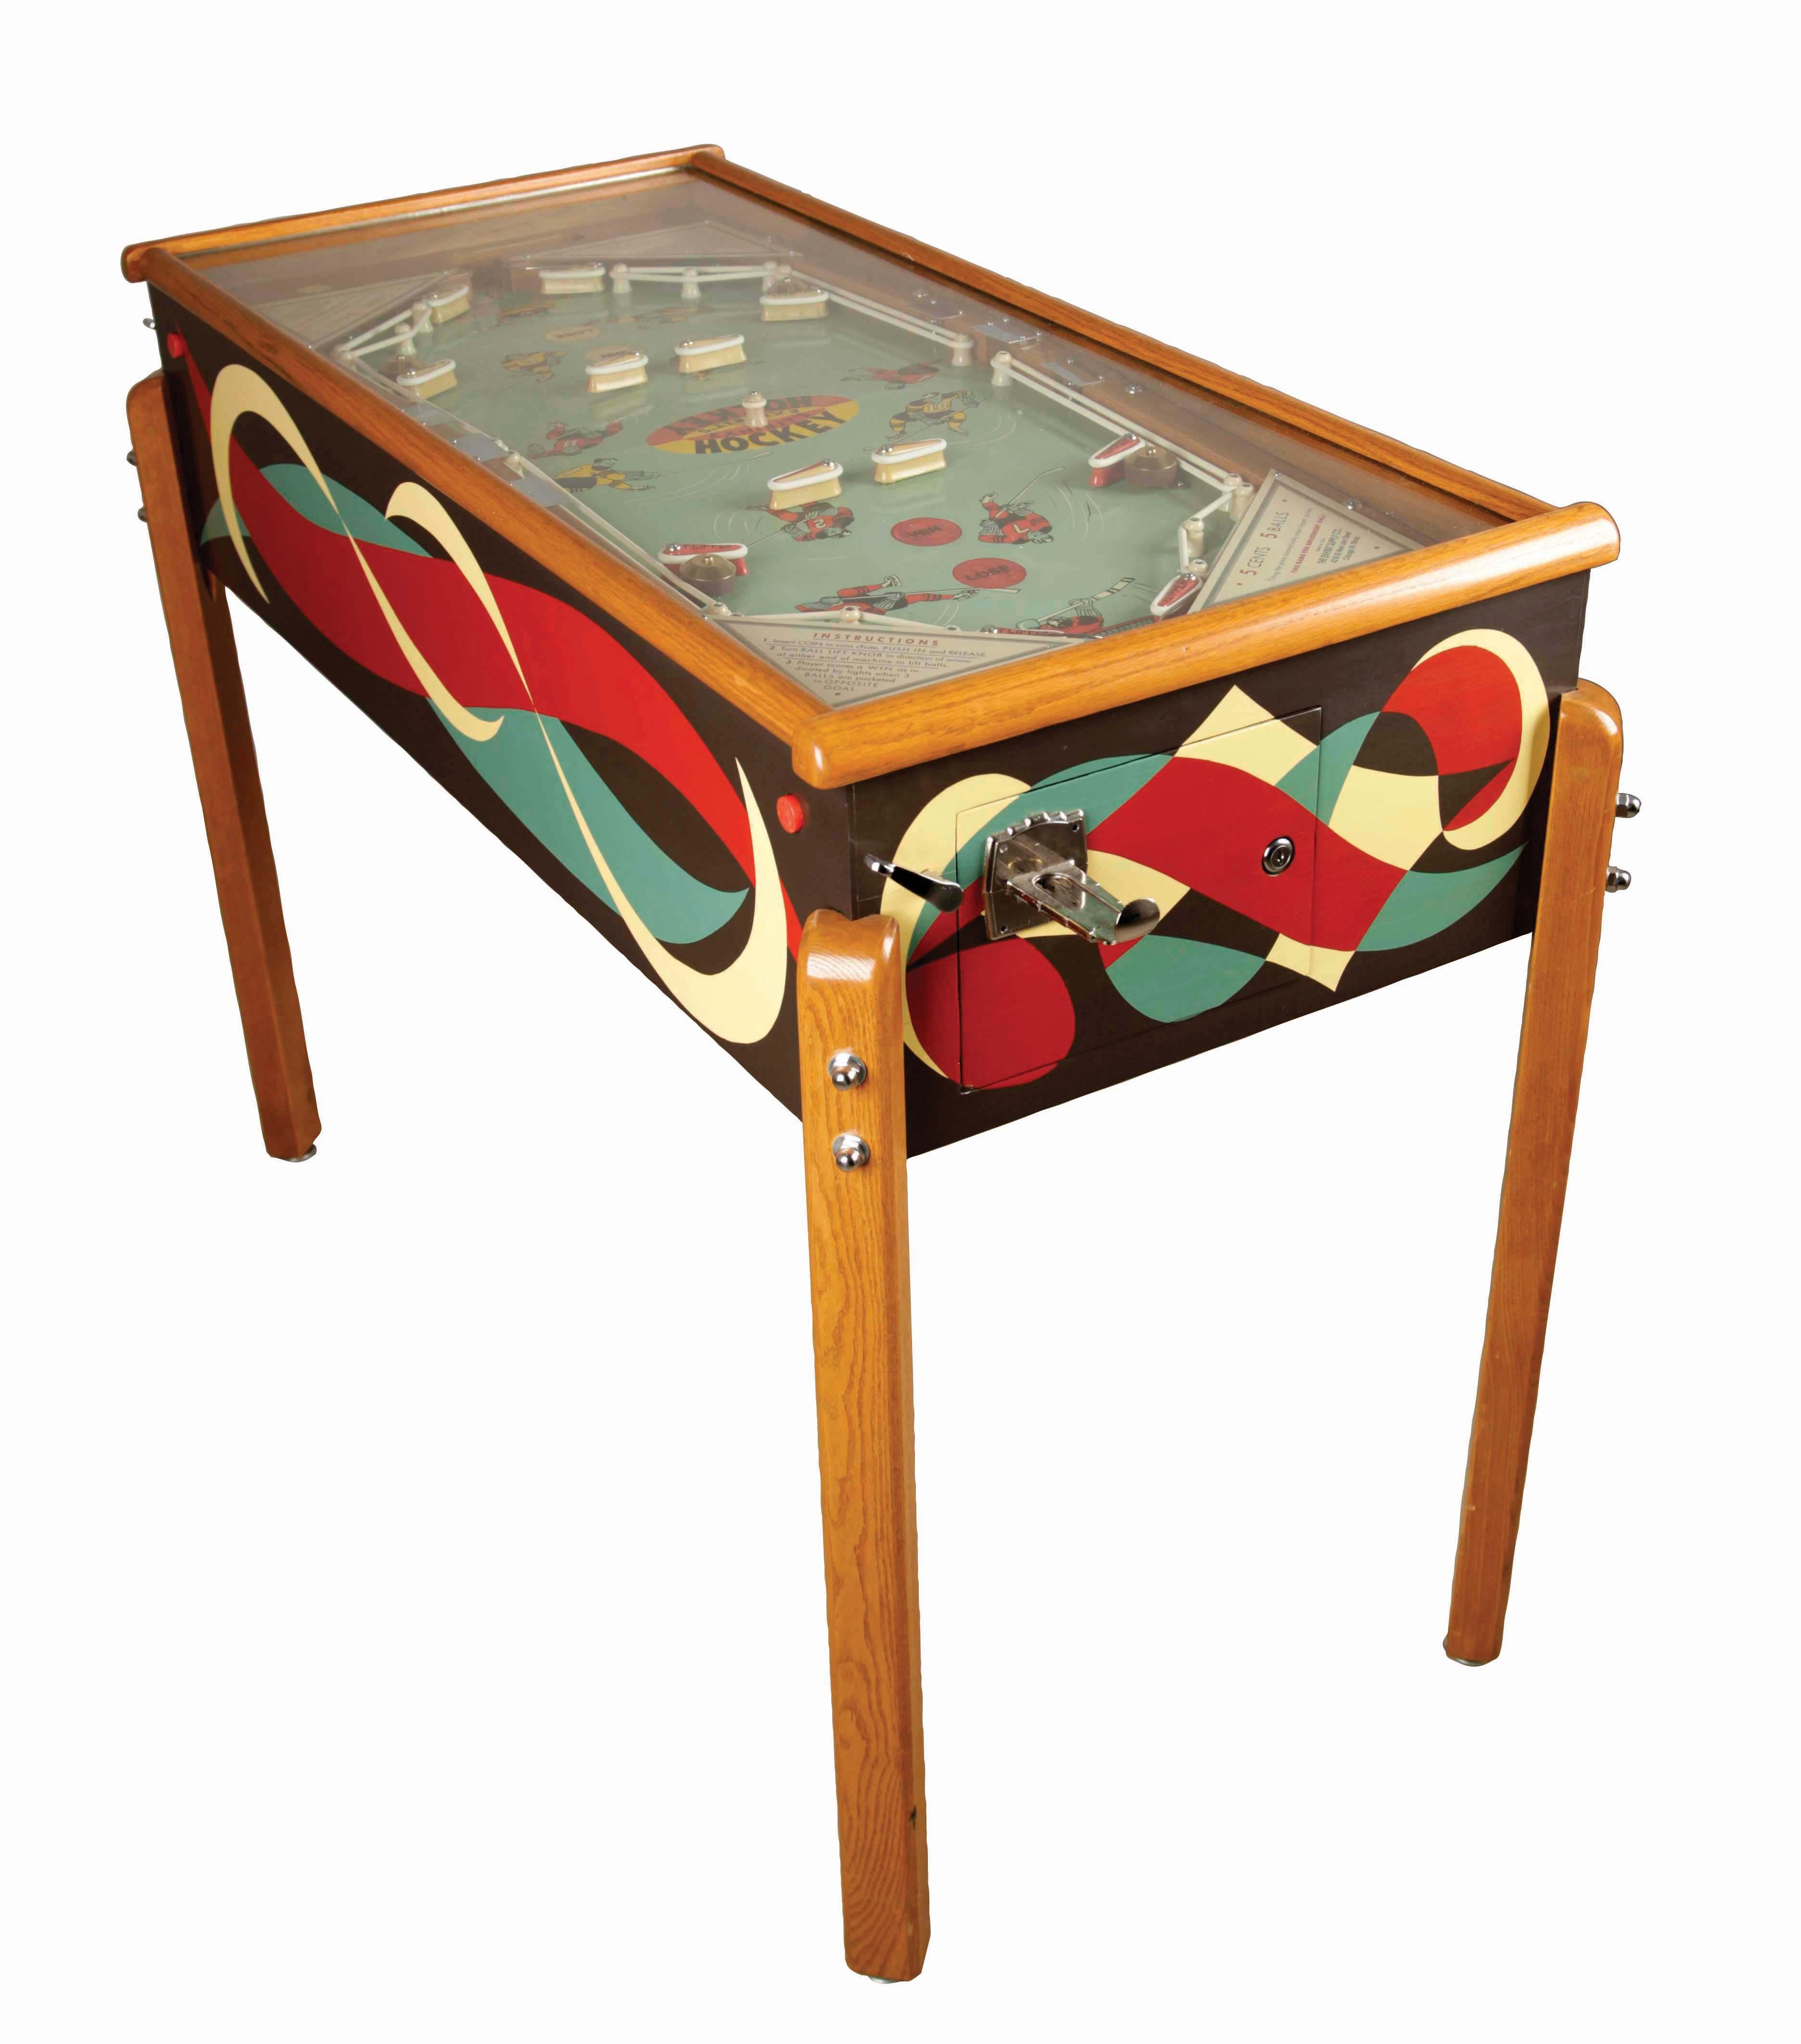 Flipperspel tillverkat år 1953. Foto: Morphy Auctions.